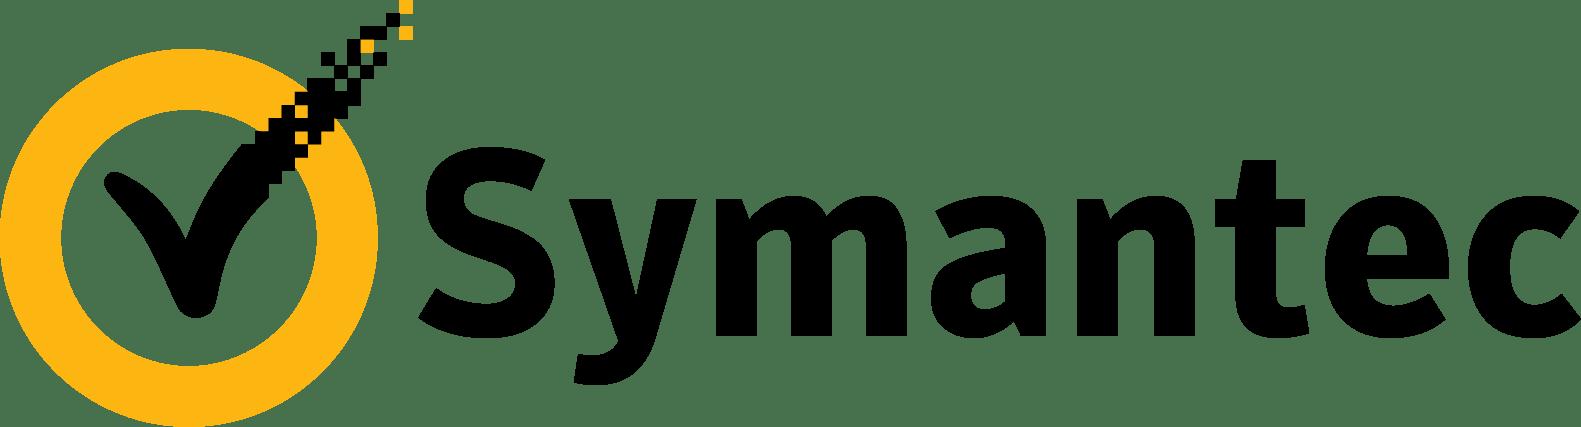 Symantec Logo png